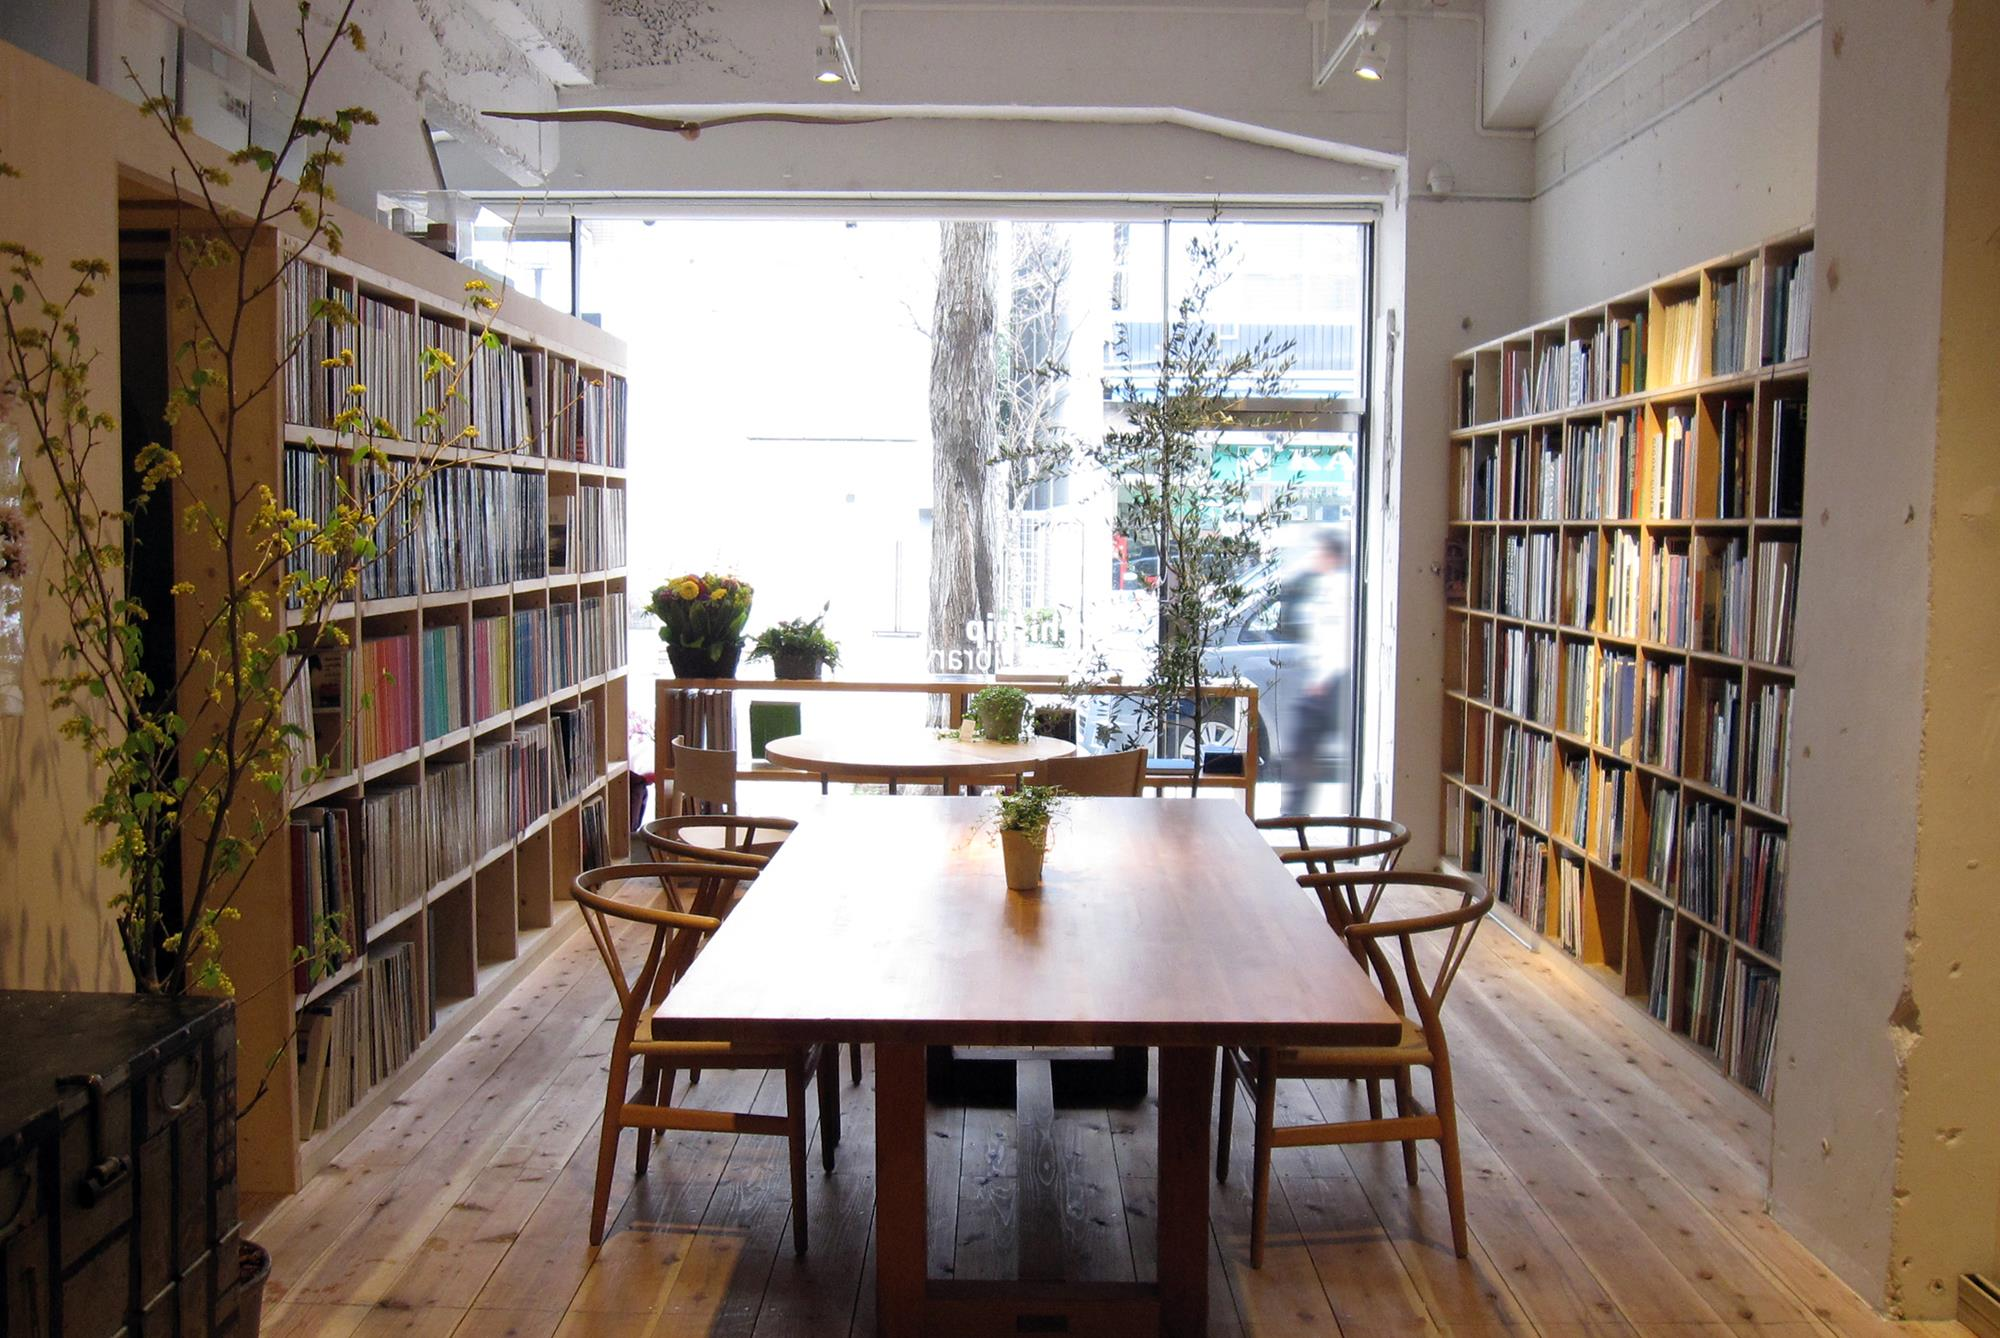 横浜周辺のおすすめコンセプトカフェ10選!横浜周辺の面白いカフェまとめ